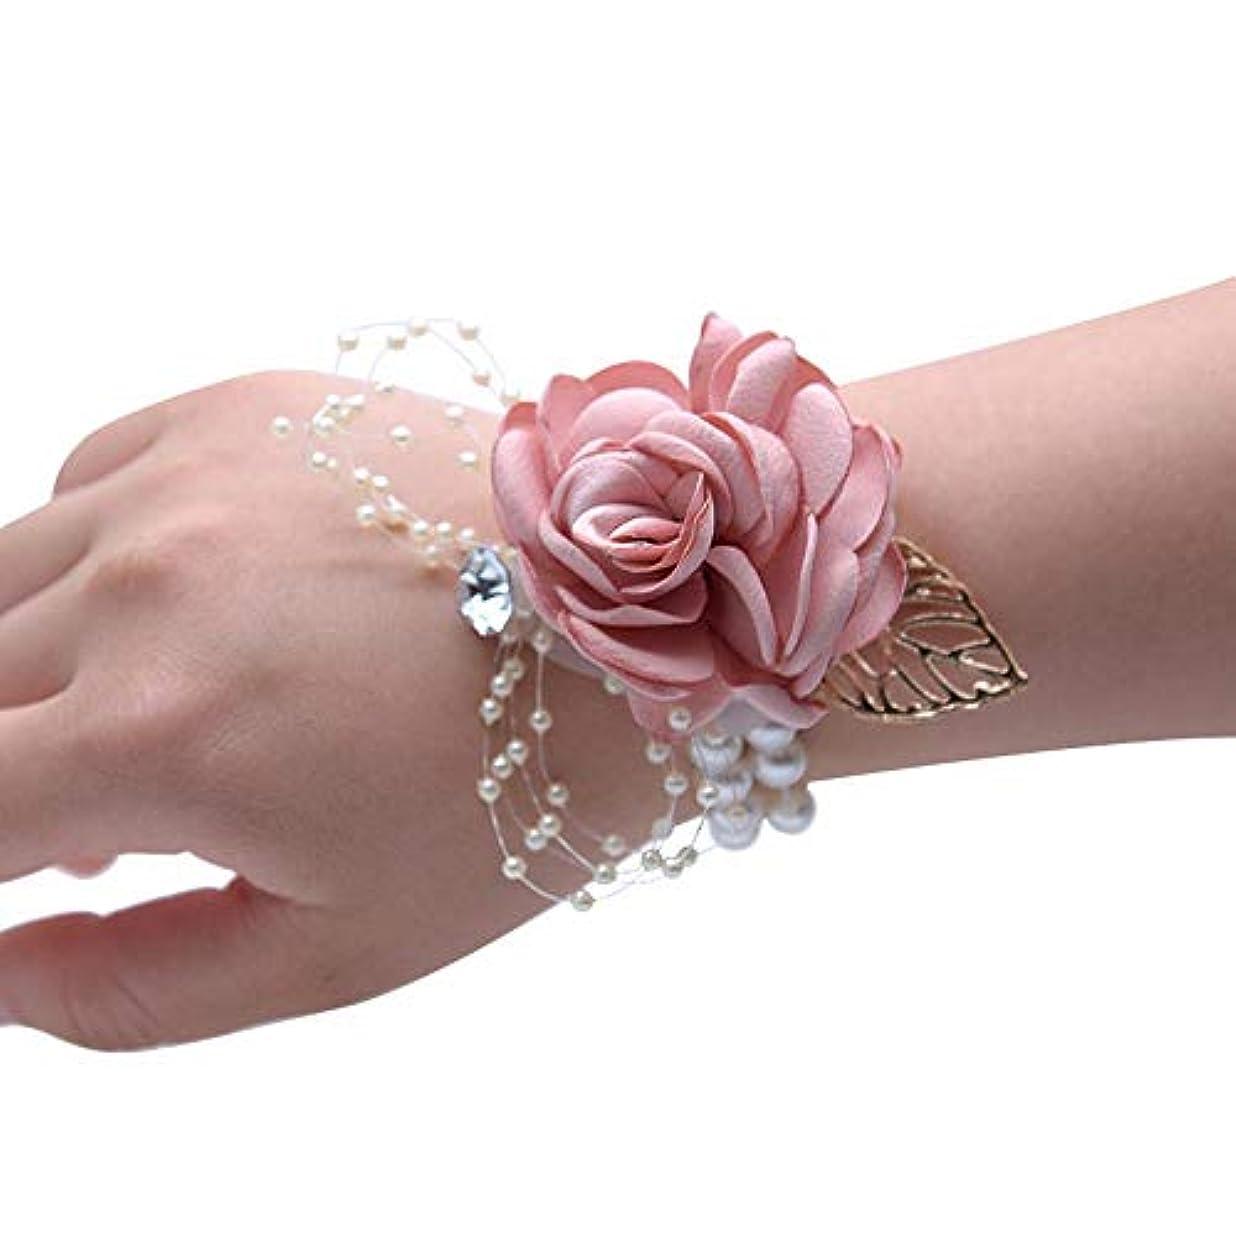 チチカカ湖甘やかす運動するMerssavo 手首の花 - 女の子チャーム手首コサージュブレスレット花嫁介添人姉妹の手の花のどの真珠の結婚式、ピンク